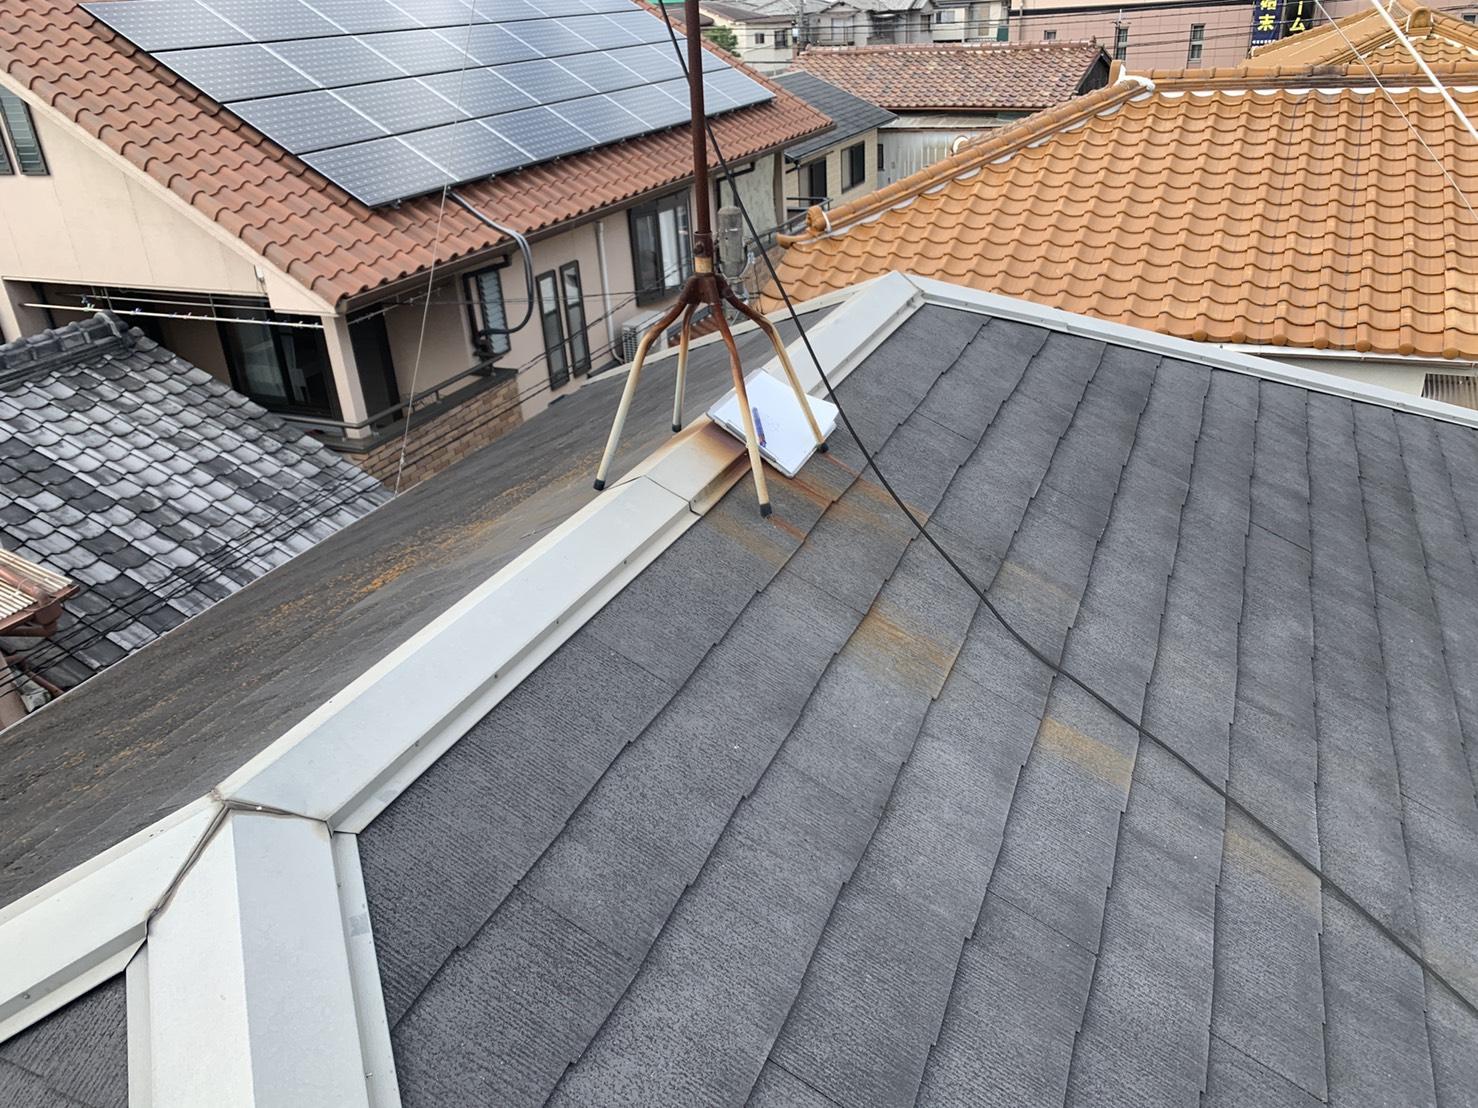 明石市で屋根診断を行った屋根の形状